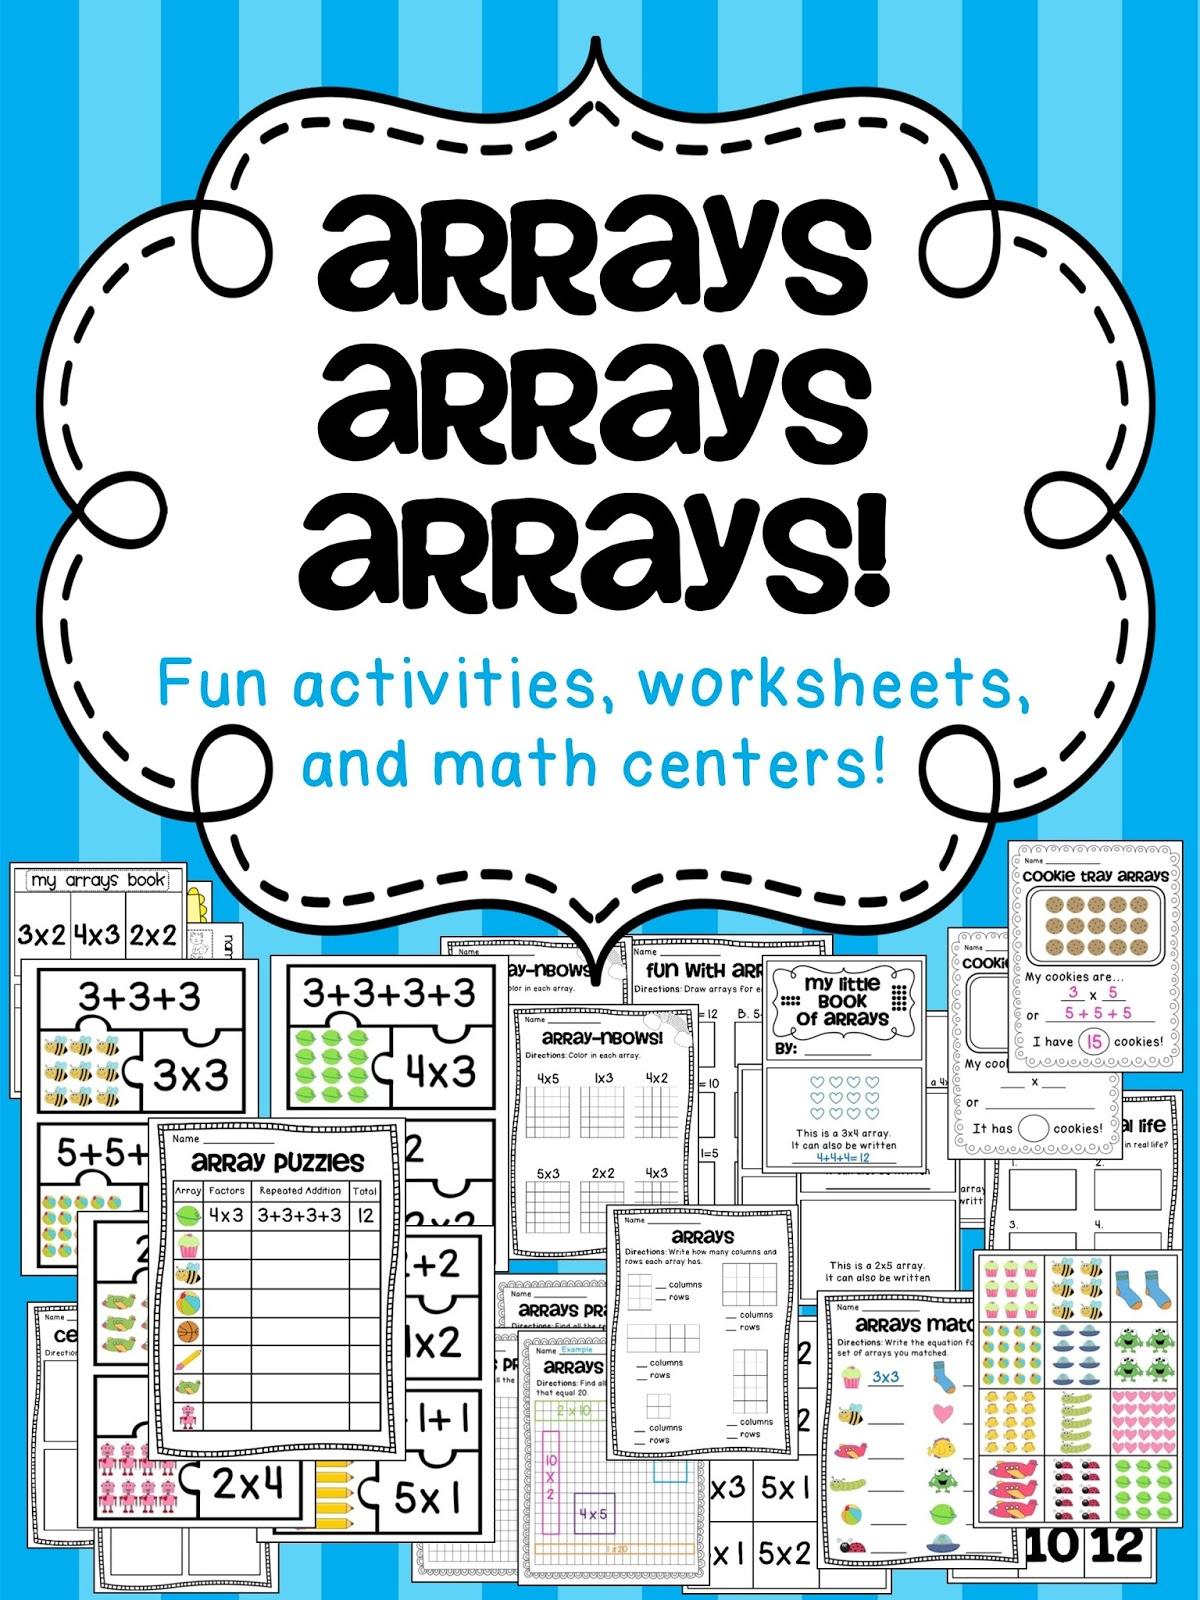 Miss Giraffe's Class: How to Teach Arrays [ 1600 x 1200 Pixel ]